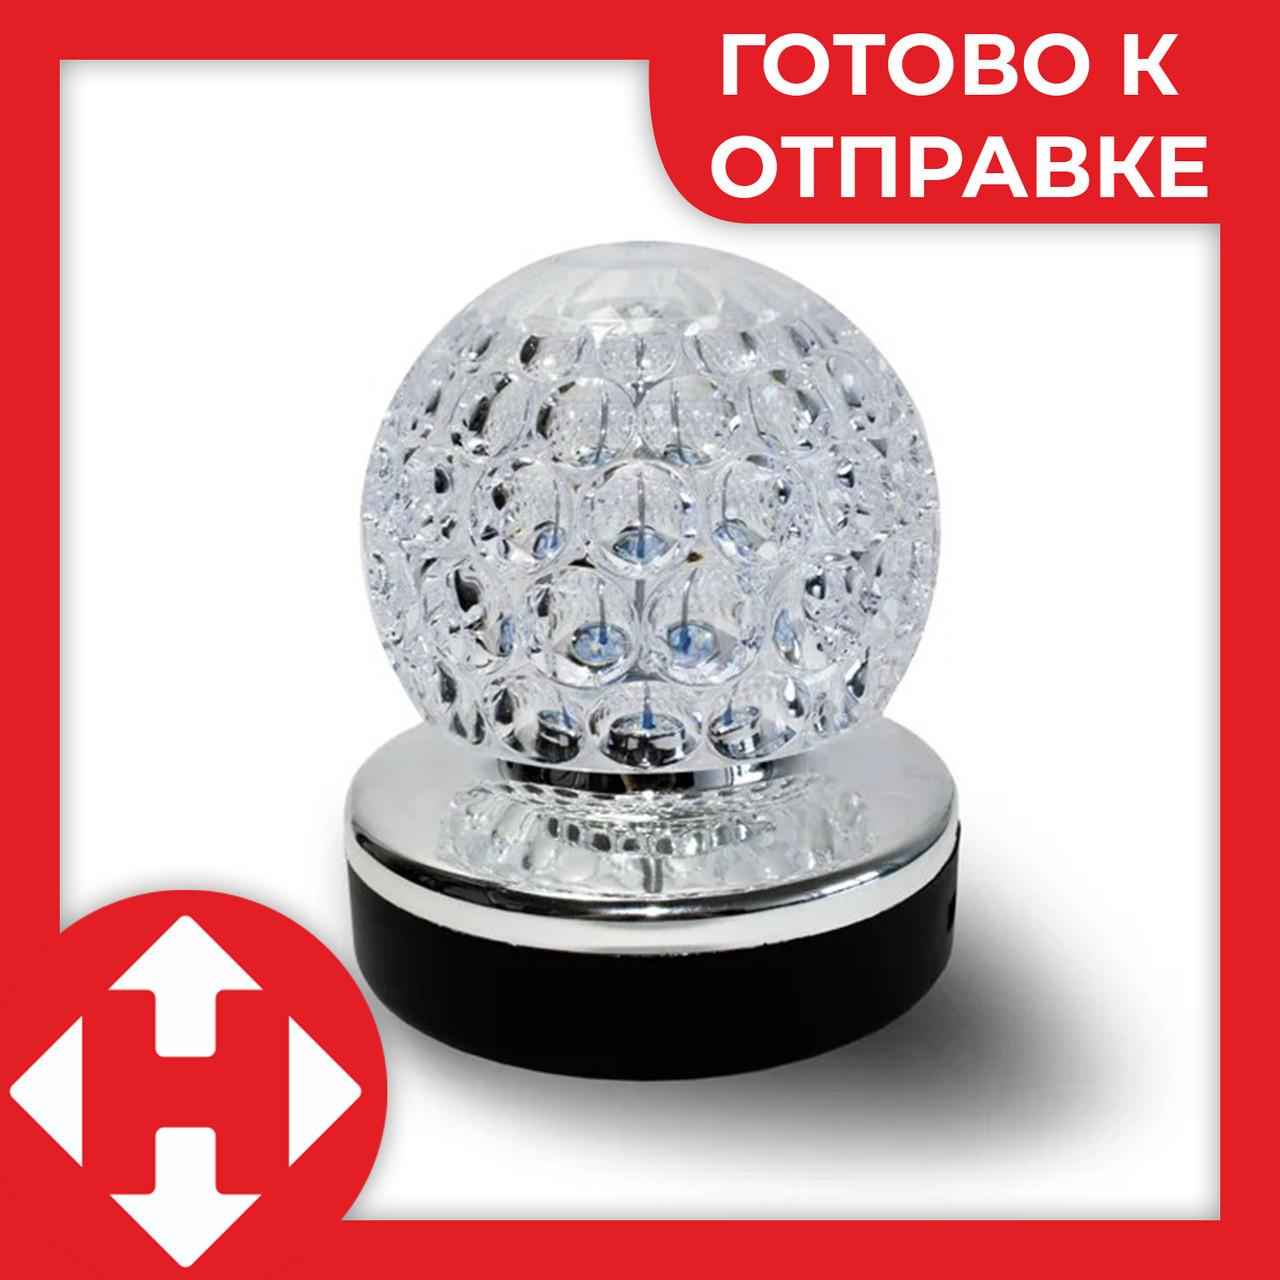 Музыкальный шарик ночник в розетку rotating lamp диско шар детский музыкальный светильник в Киеве